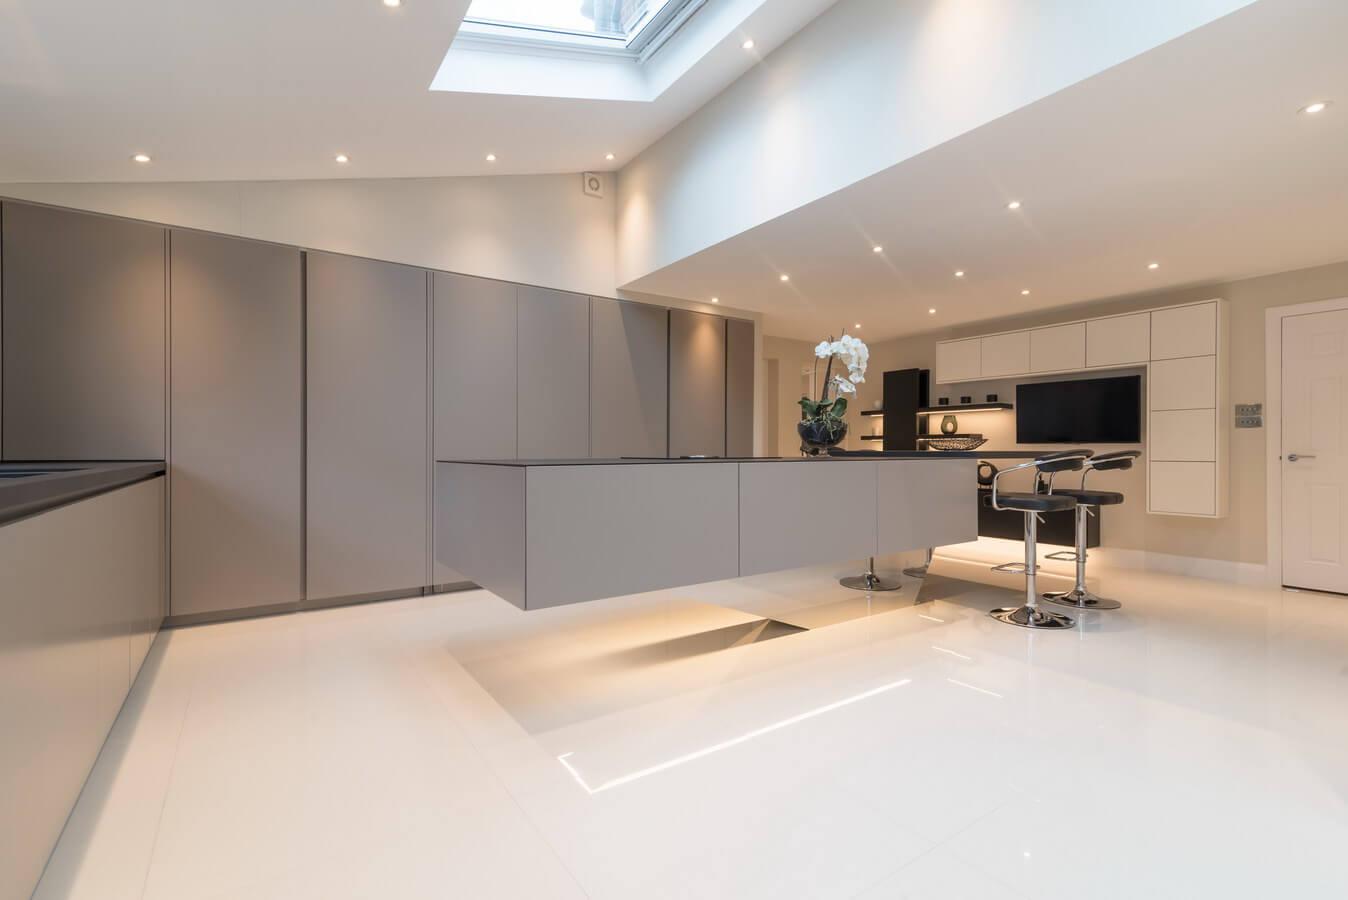 Warendorf-kitchen-german-London.jpg